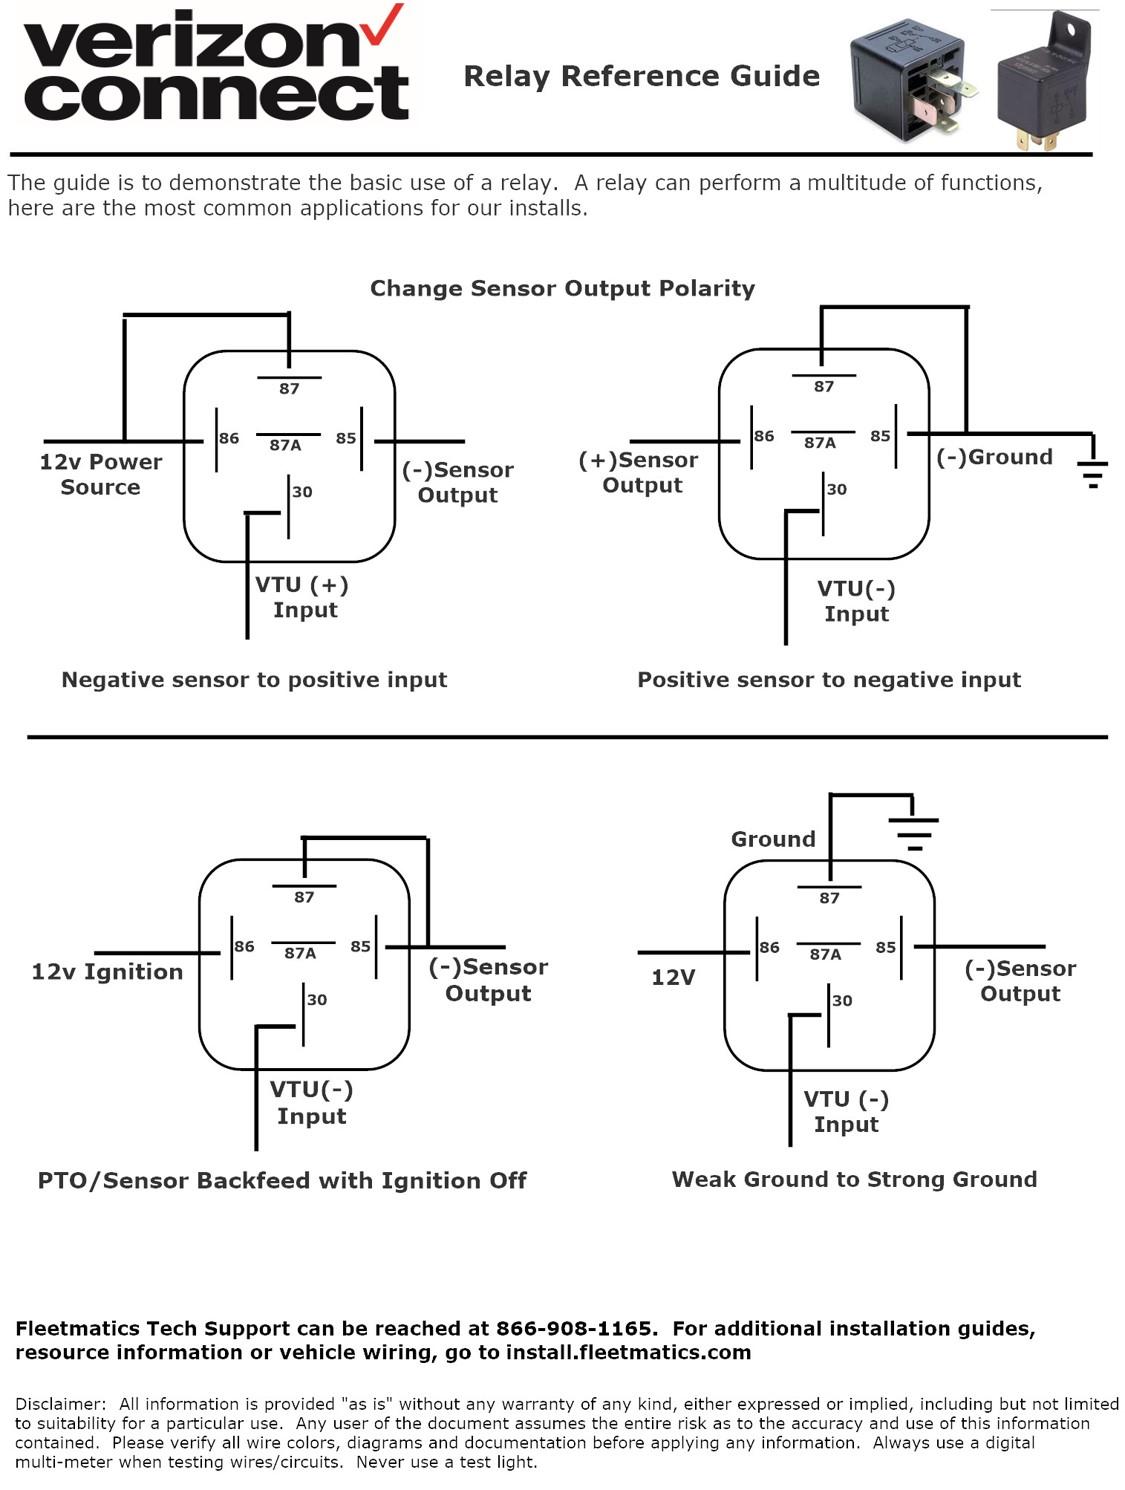 Fleetmatics Wiring Diagram Sample Fios Download Manual Apv Guide Rev1 Calamp 20 Guides Install